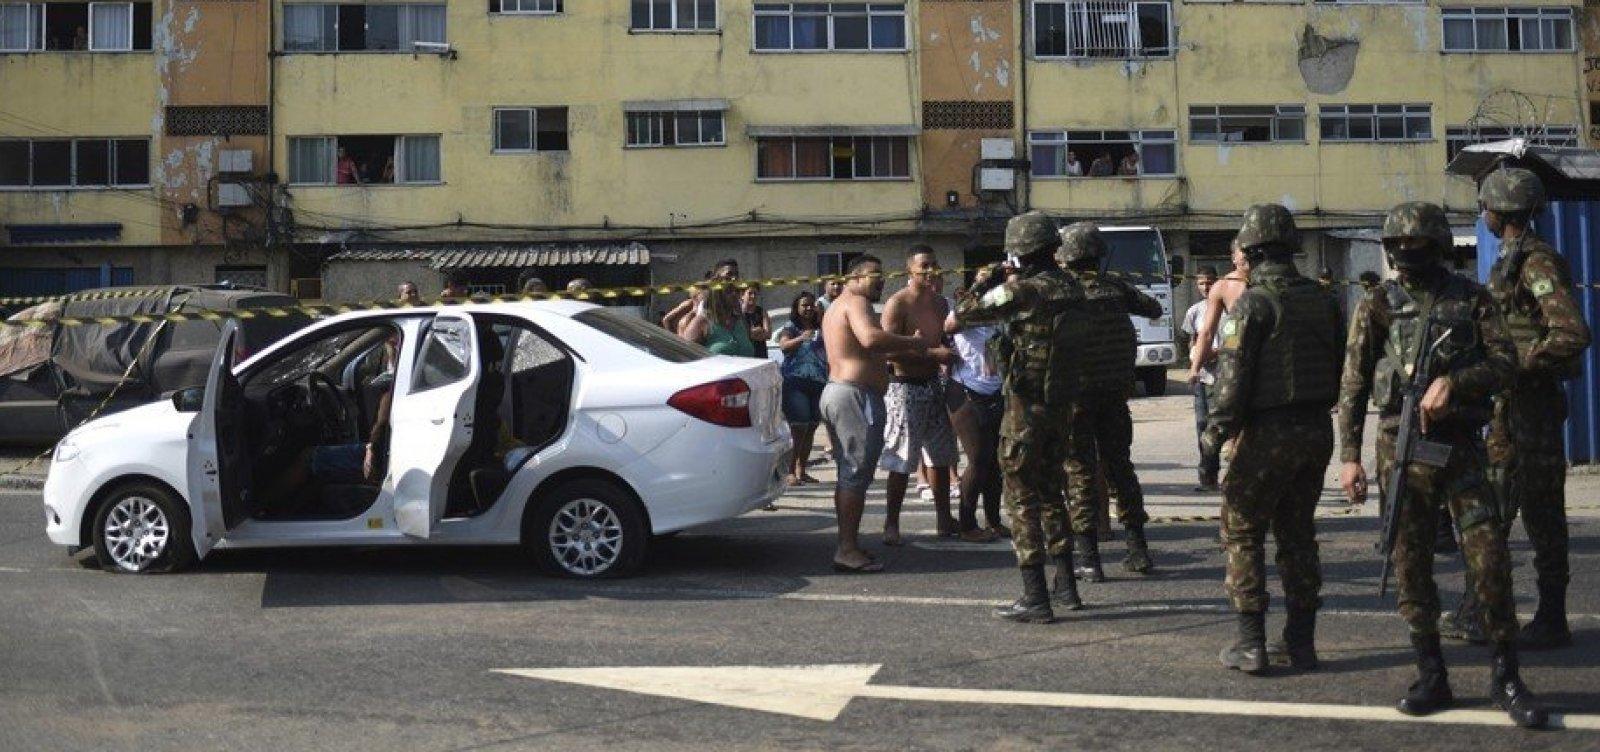 [STM libera 9 dos militares que fuzilaram carro de músico no Rio]